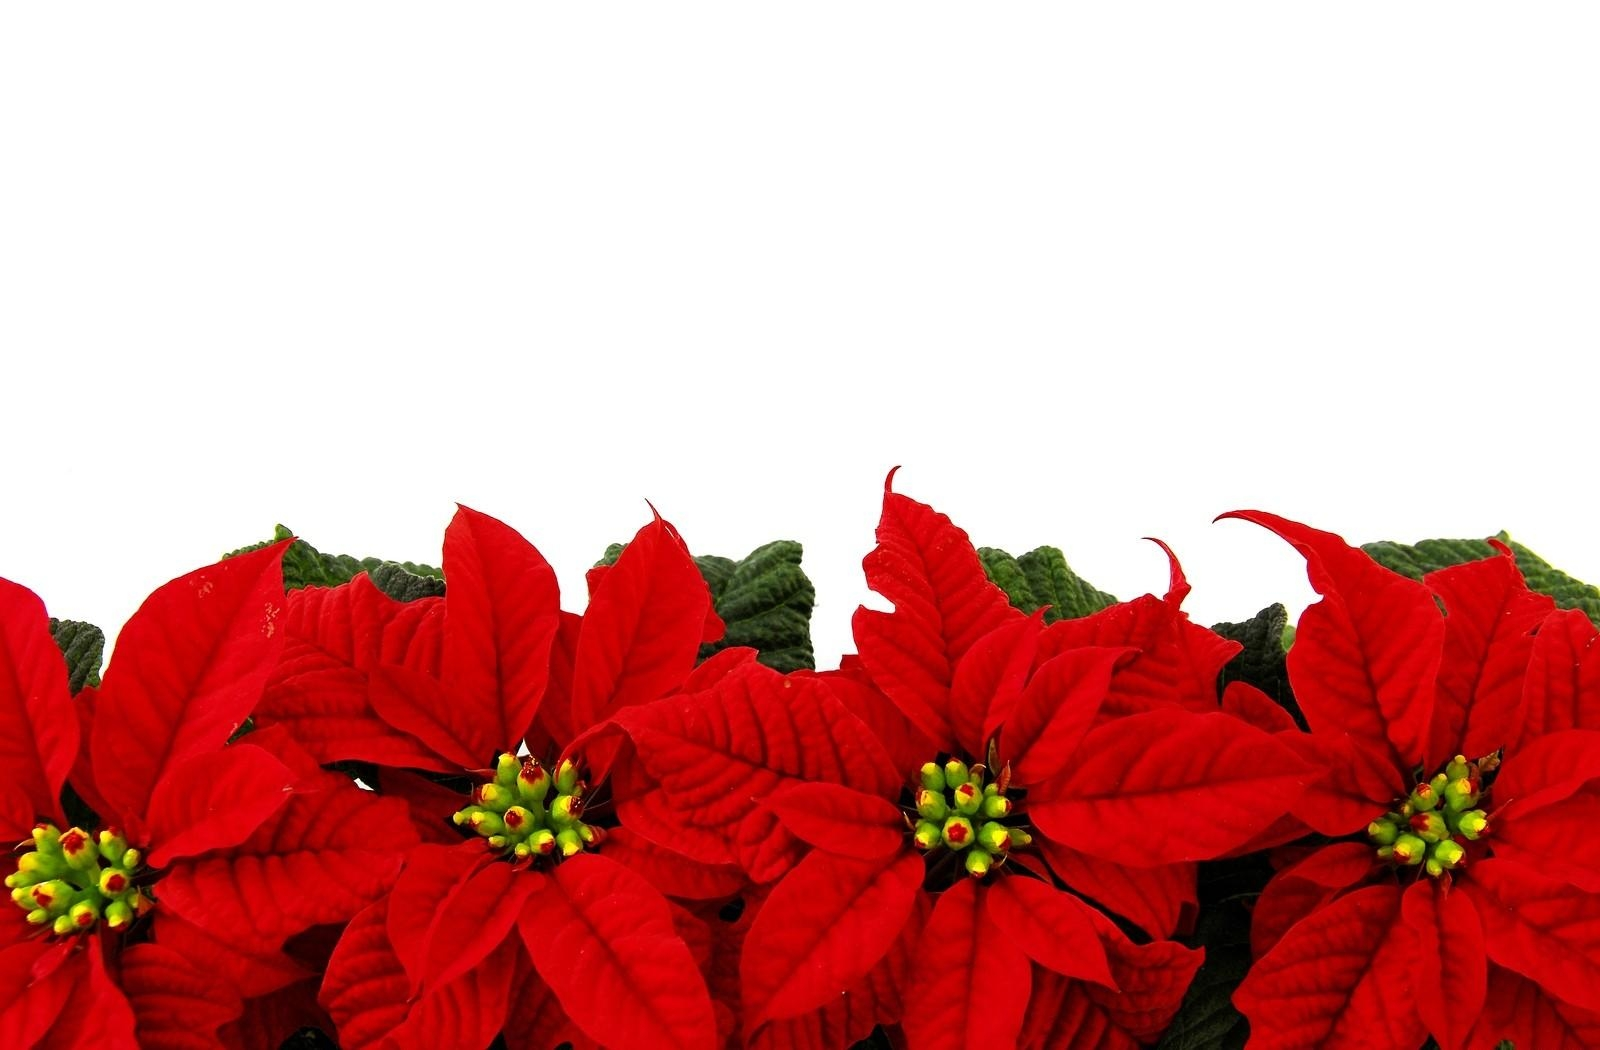 Poinsettia Flower Bright Row White Background   Stock Photos 1600x1050